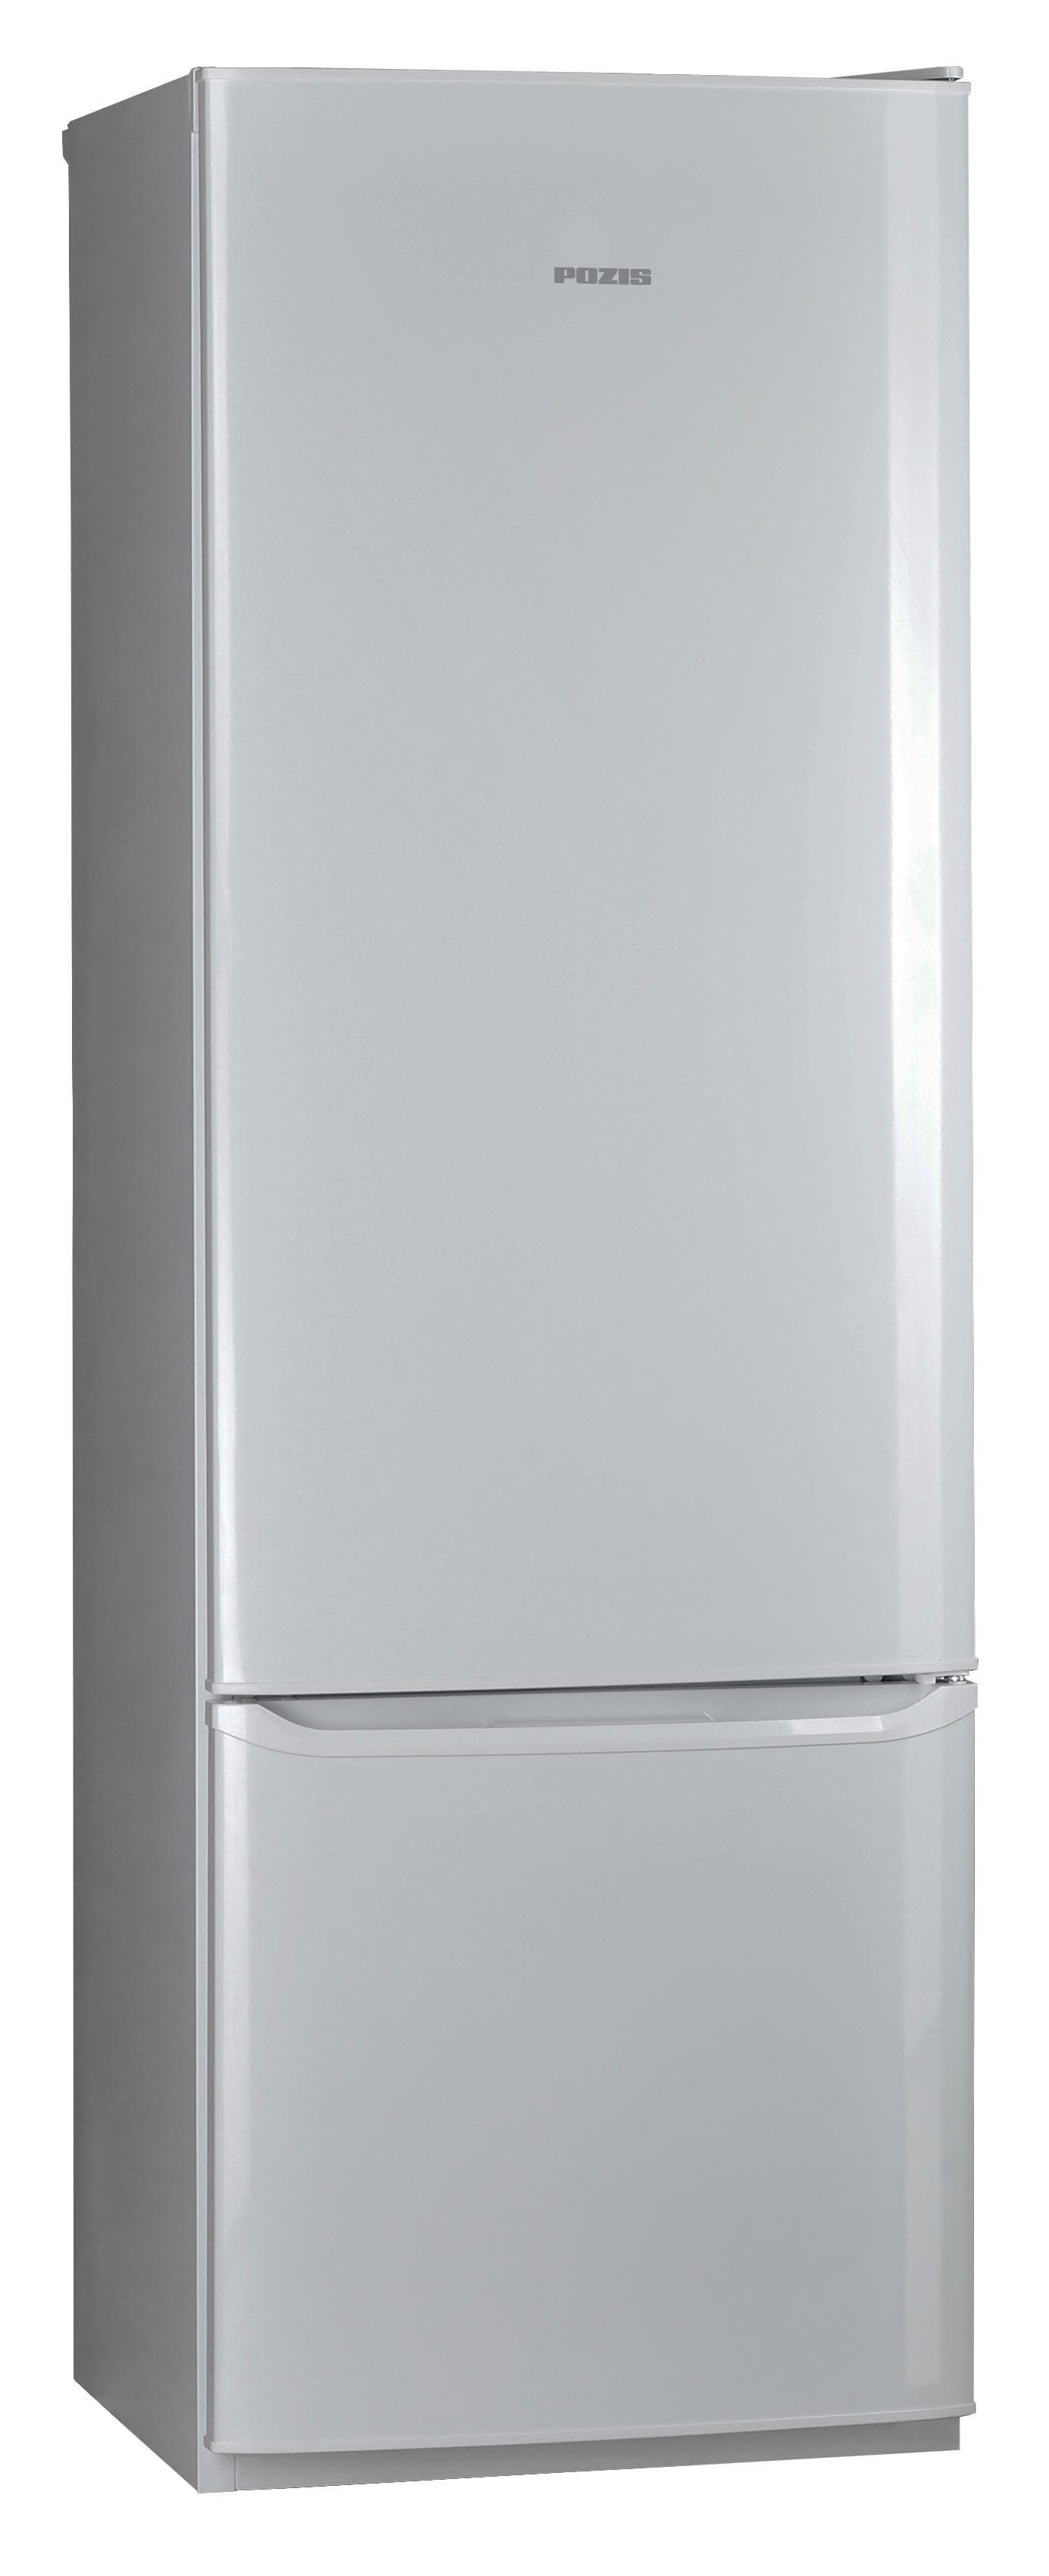 Шкаф холодильный RK-103 серебристый